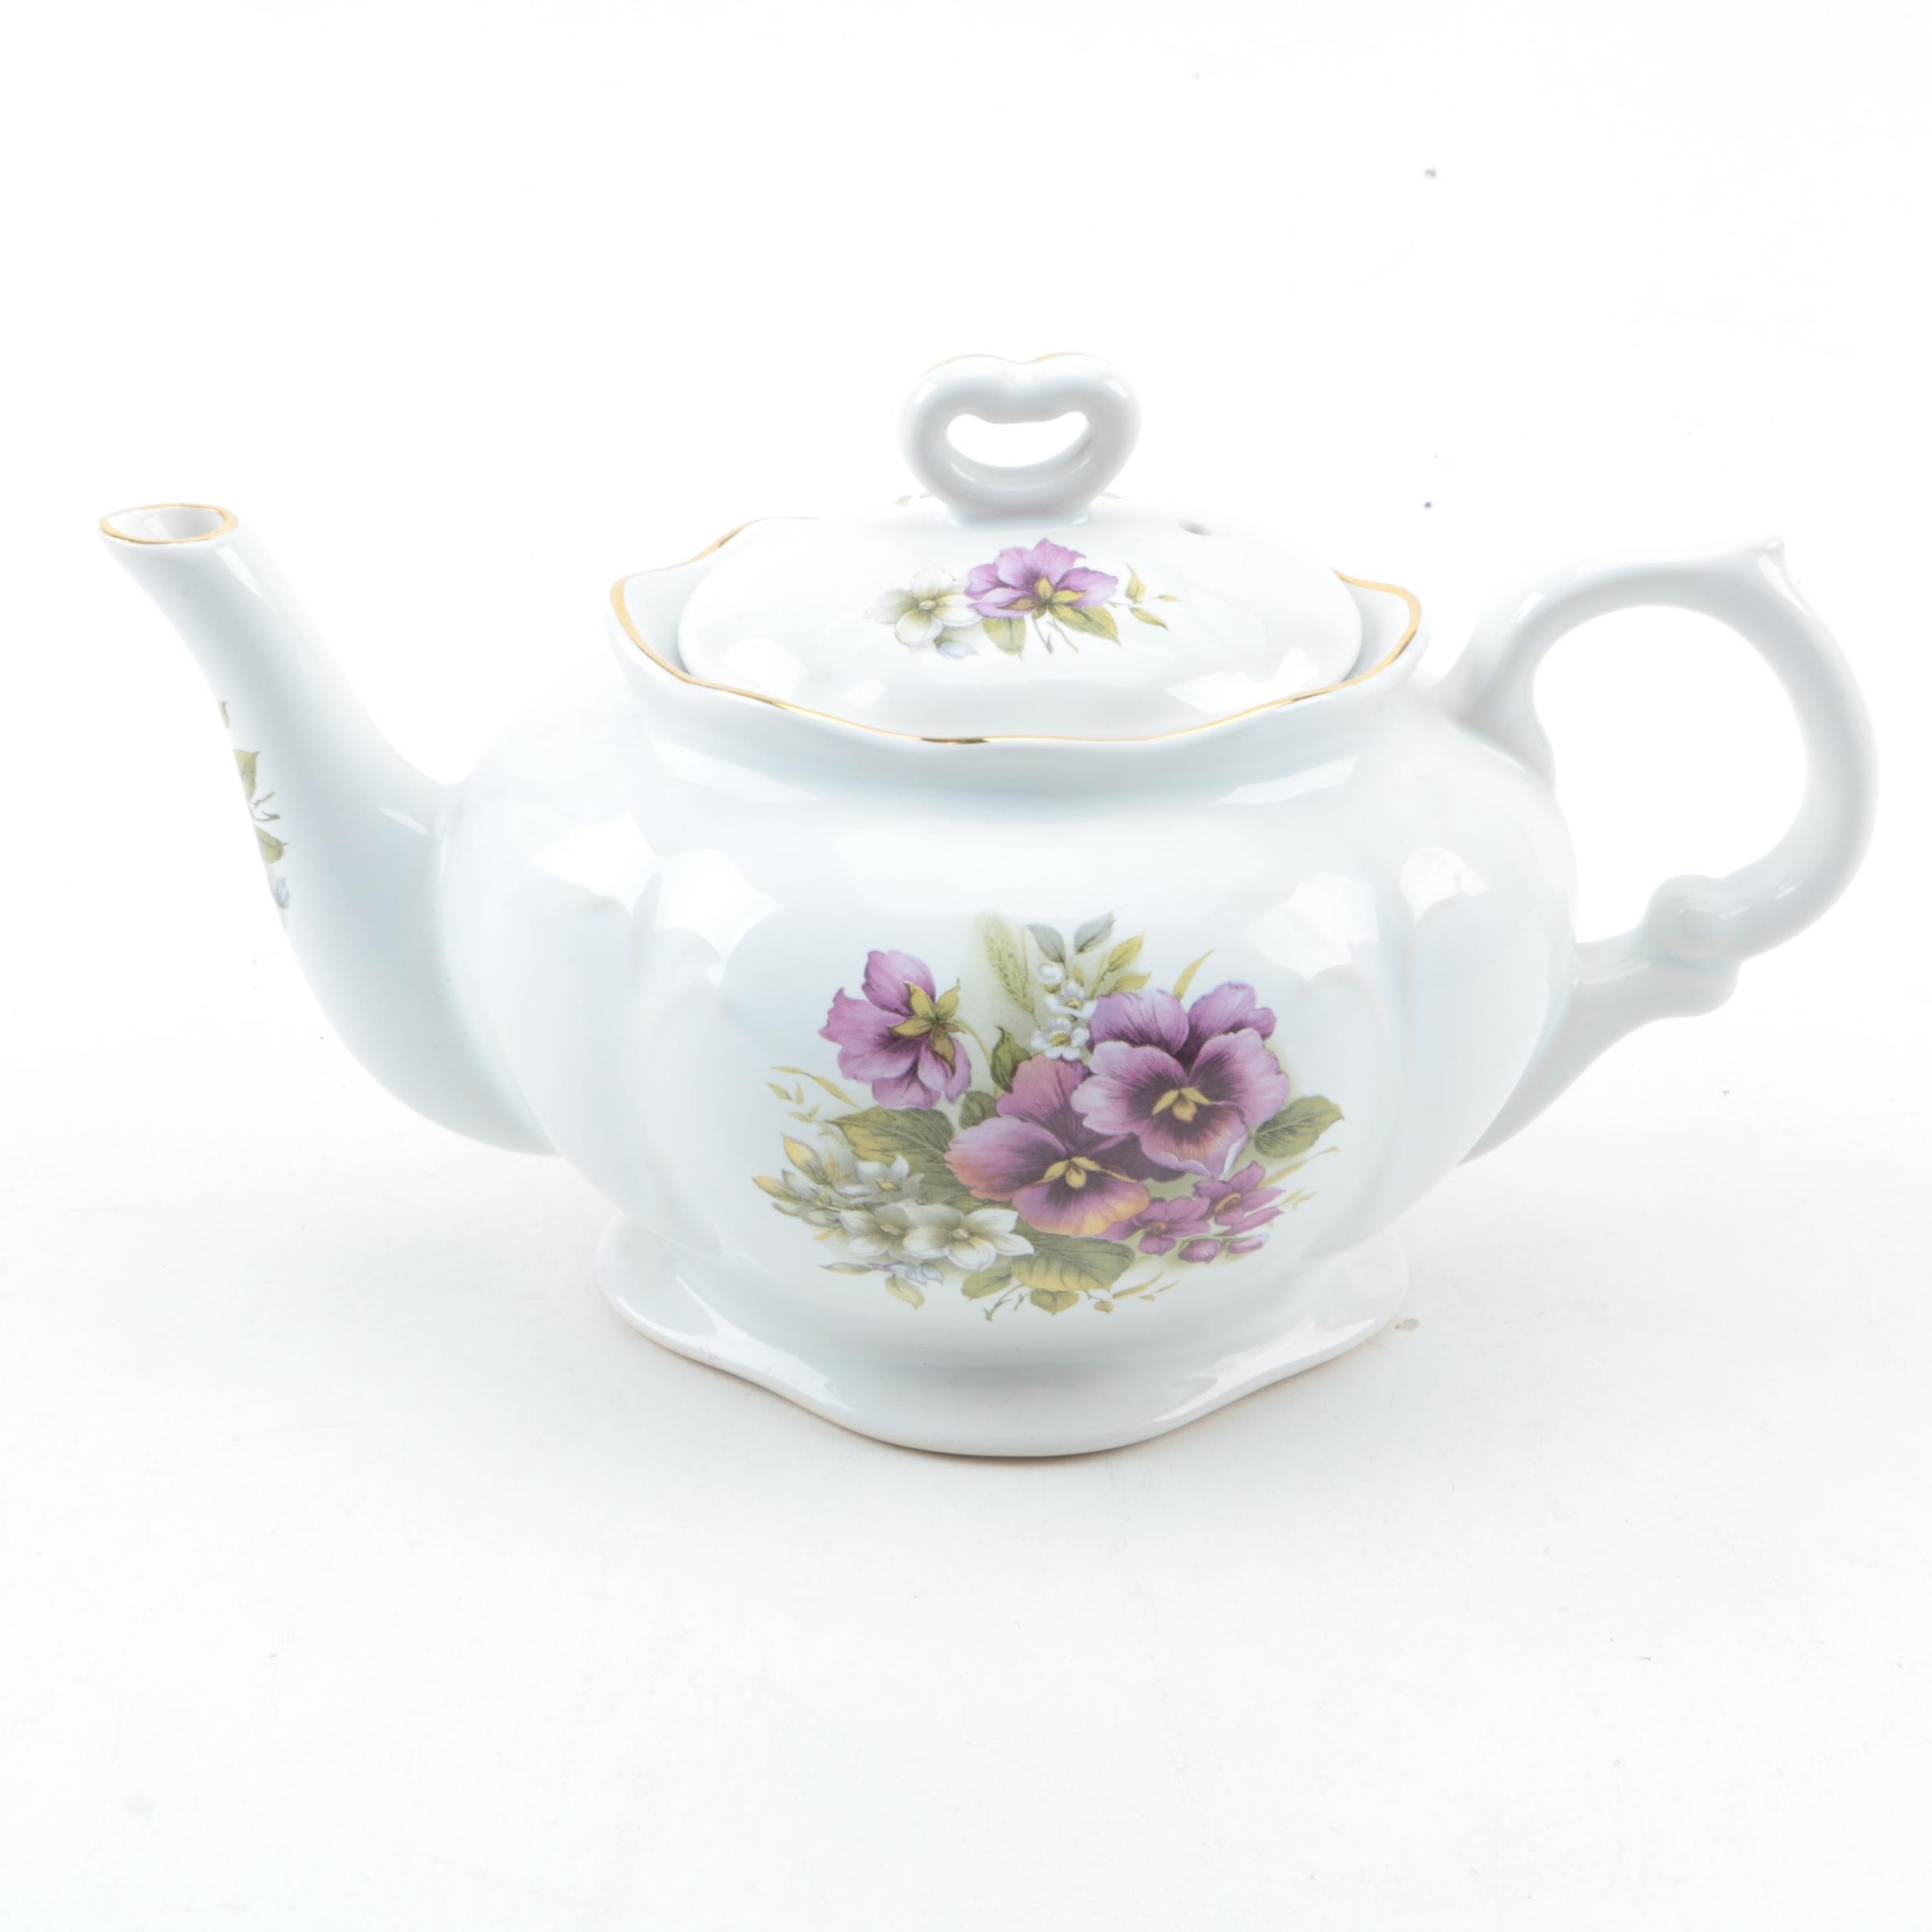 Kernewek Purple Impatiens Porcelain Teapot